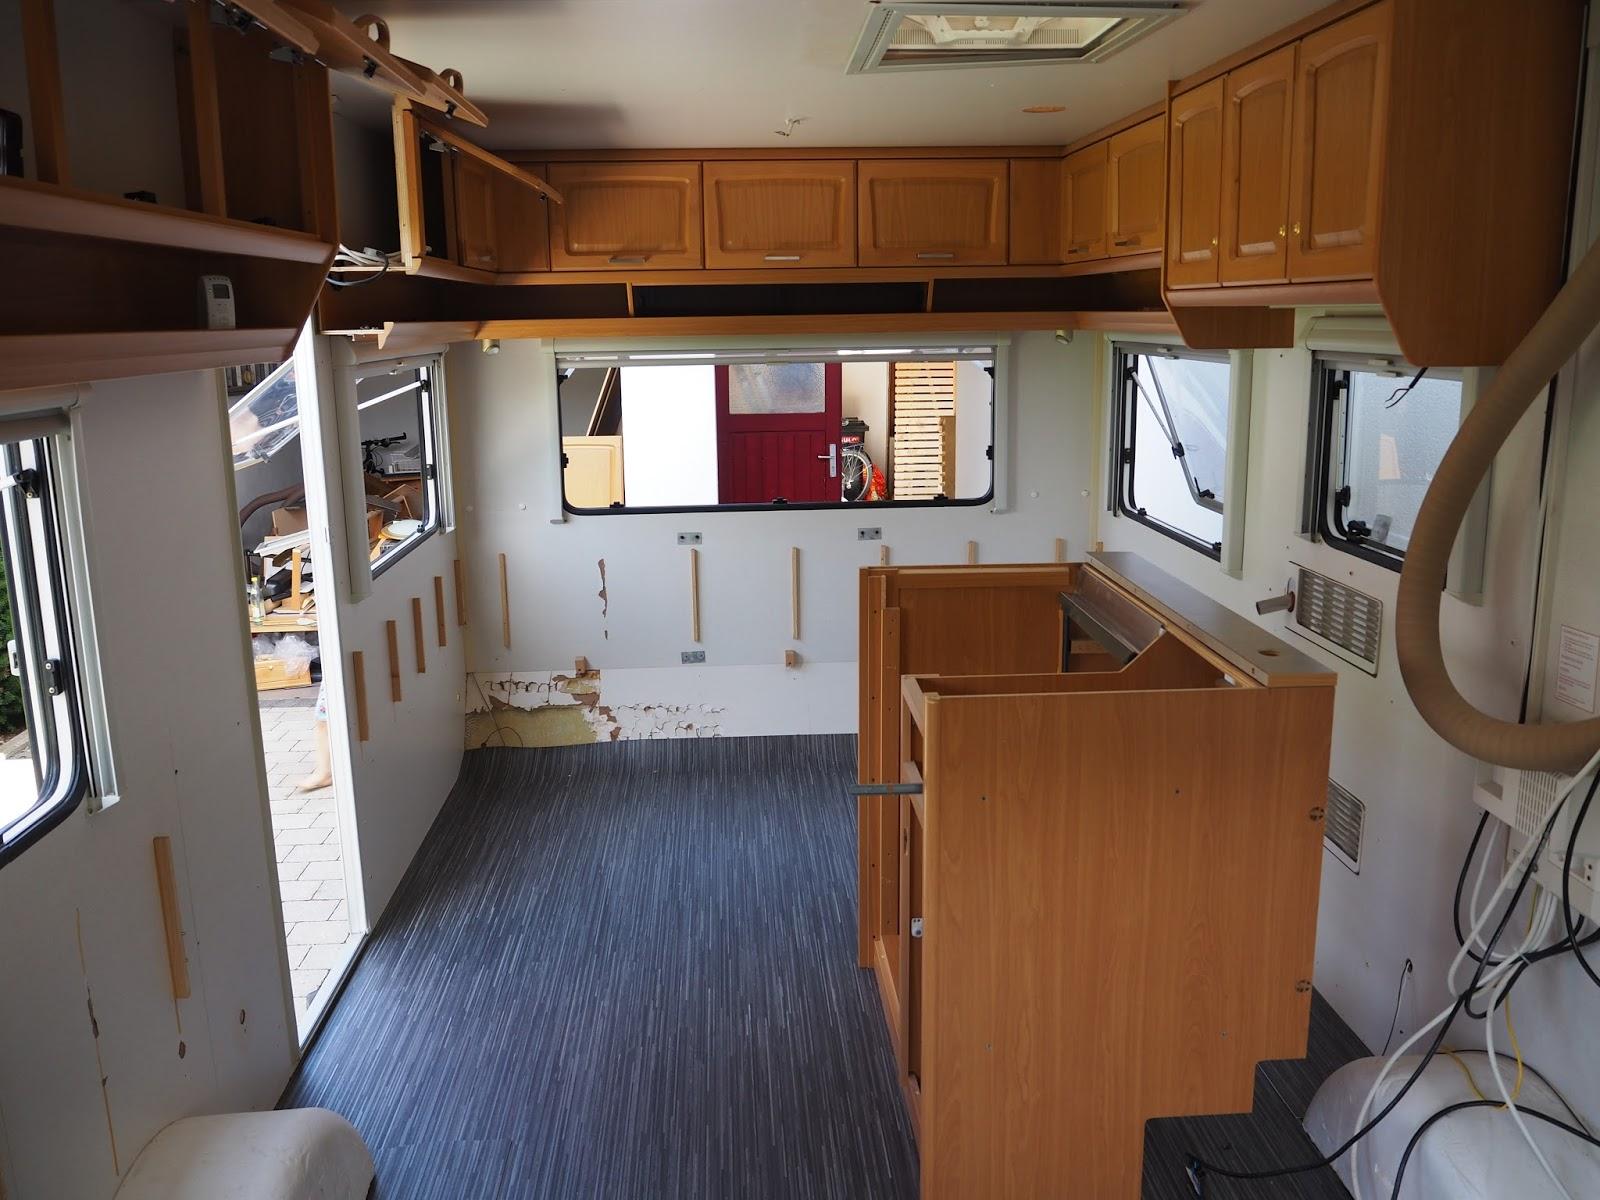 caroku wohnwagen renovieren teil 2. Black Bedroom Furniture Sets. Home Design Ideas